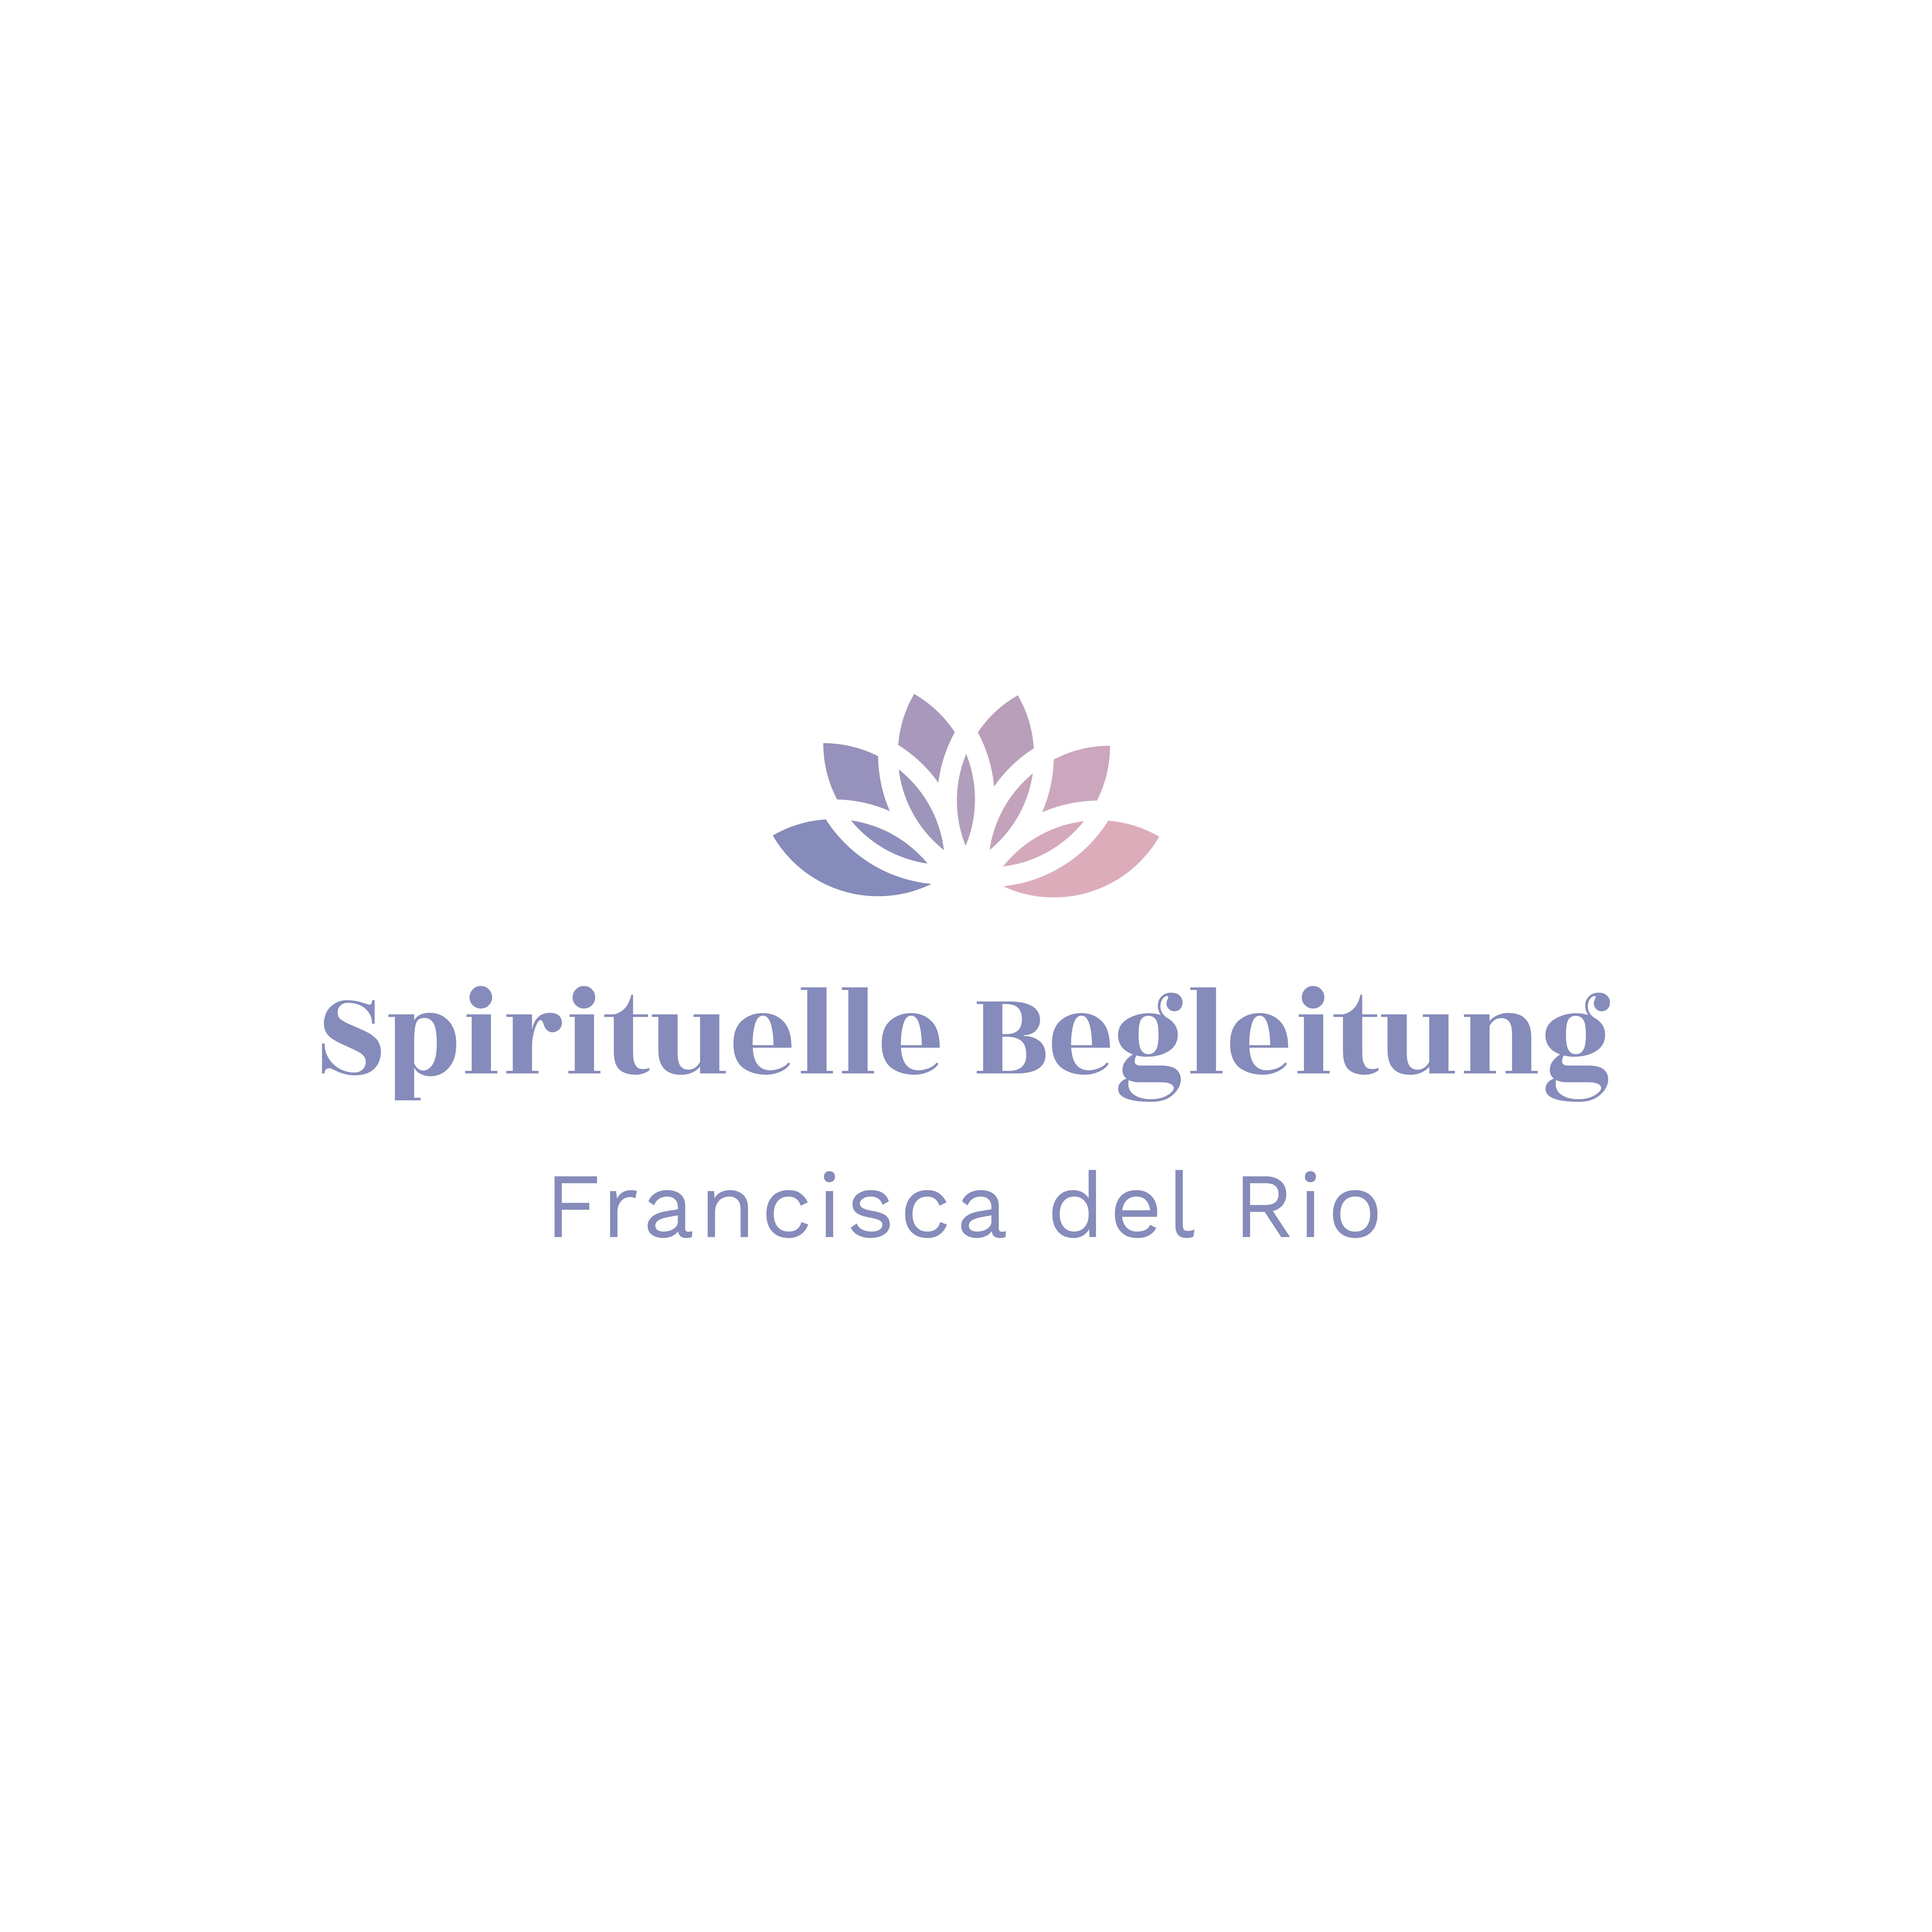 Spirituelle Begleitung Francisca del Rio